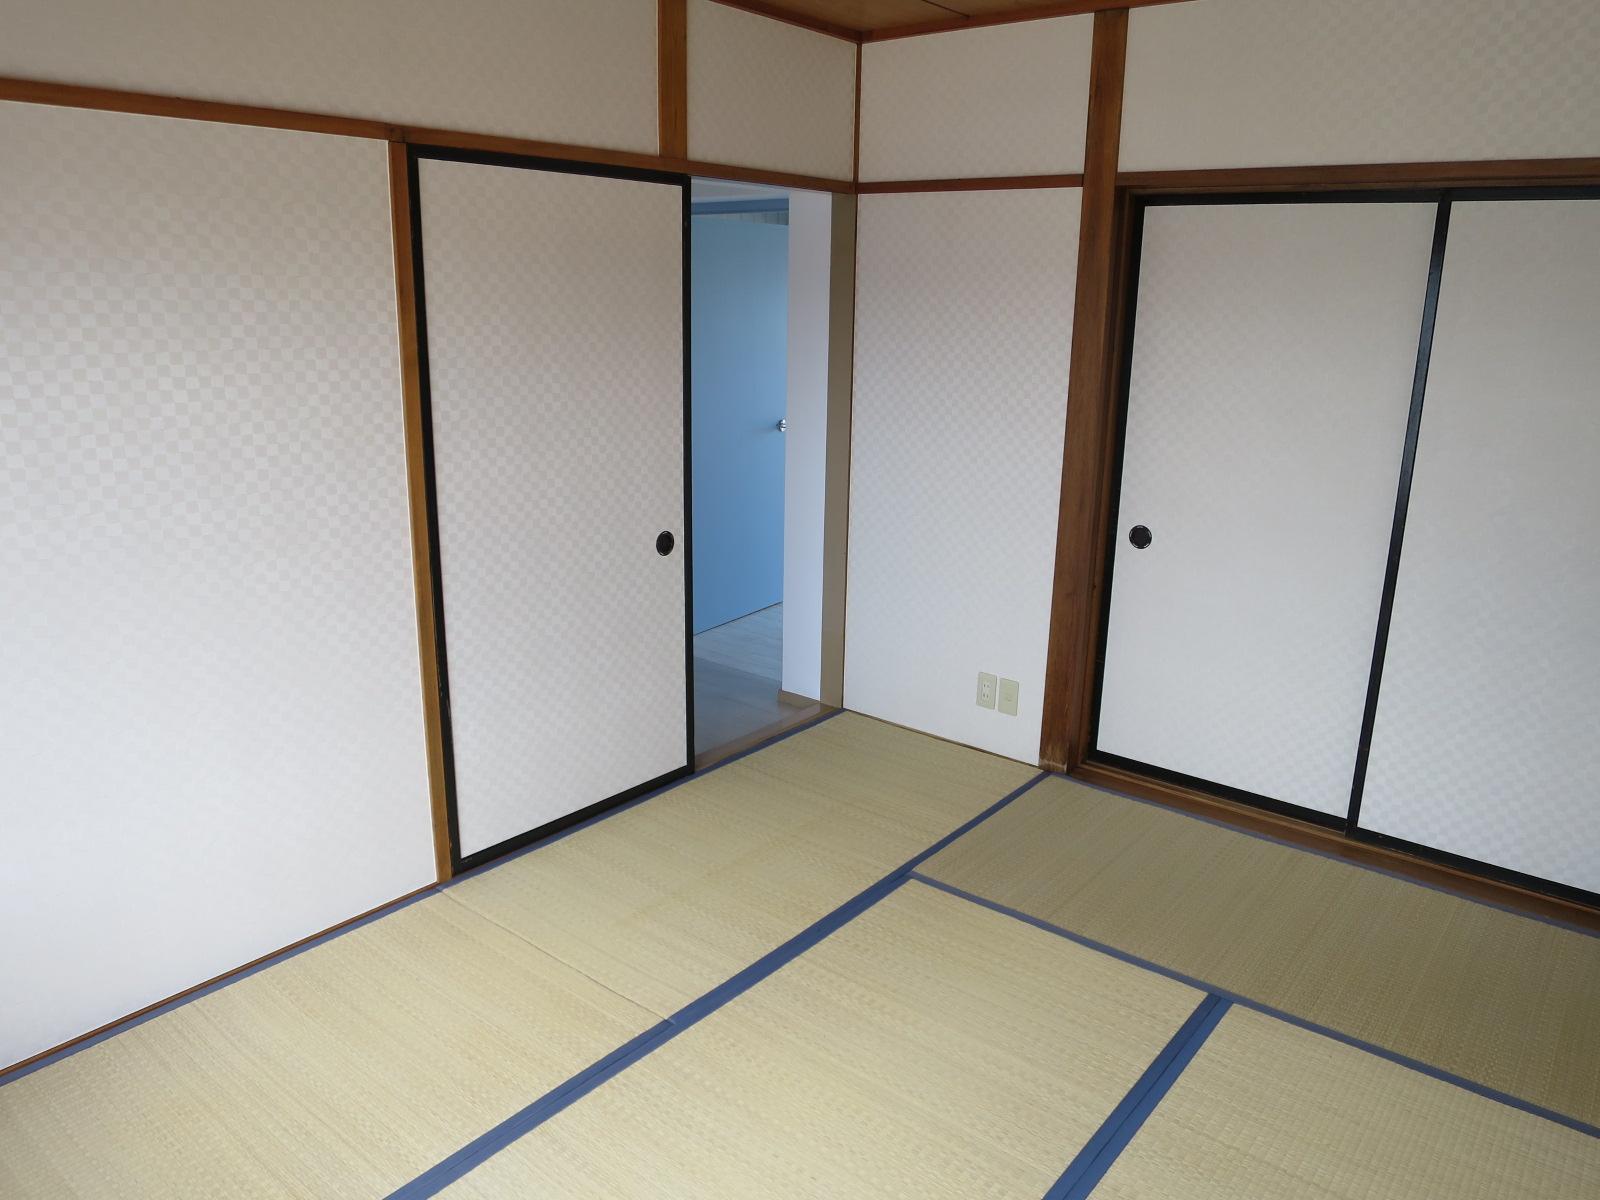 和室の壁紙はシンプルモダンなデザインにリフォームしました。和の風情を演出した空間をお楽しみ下さい♪